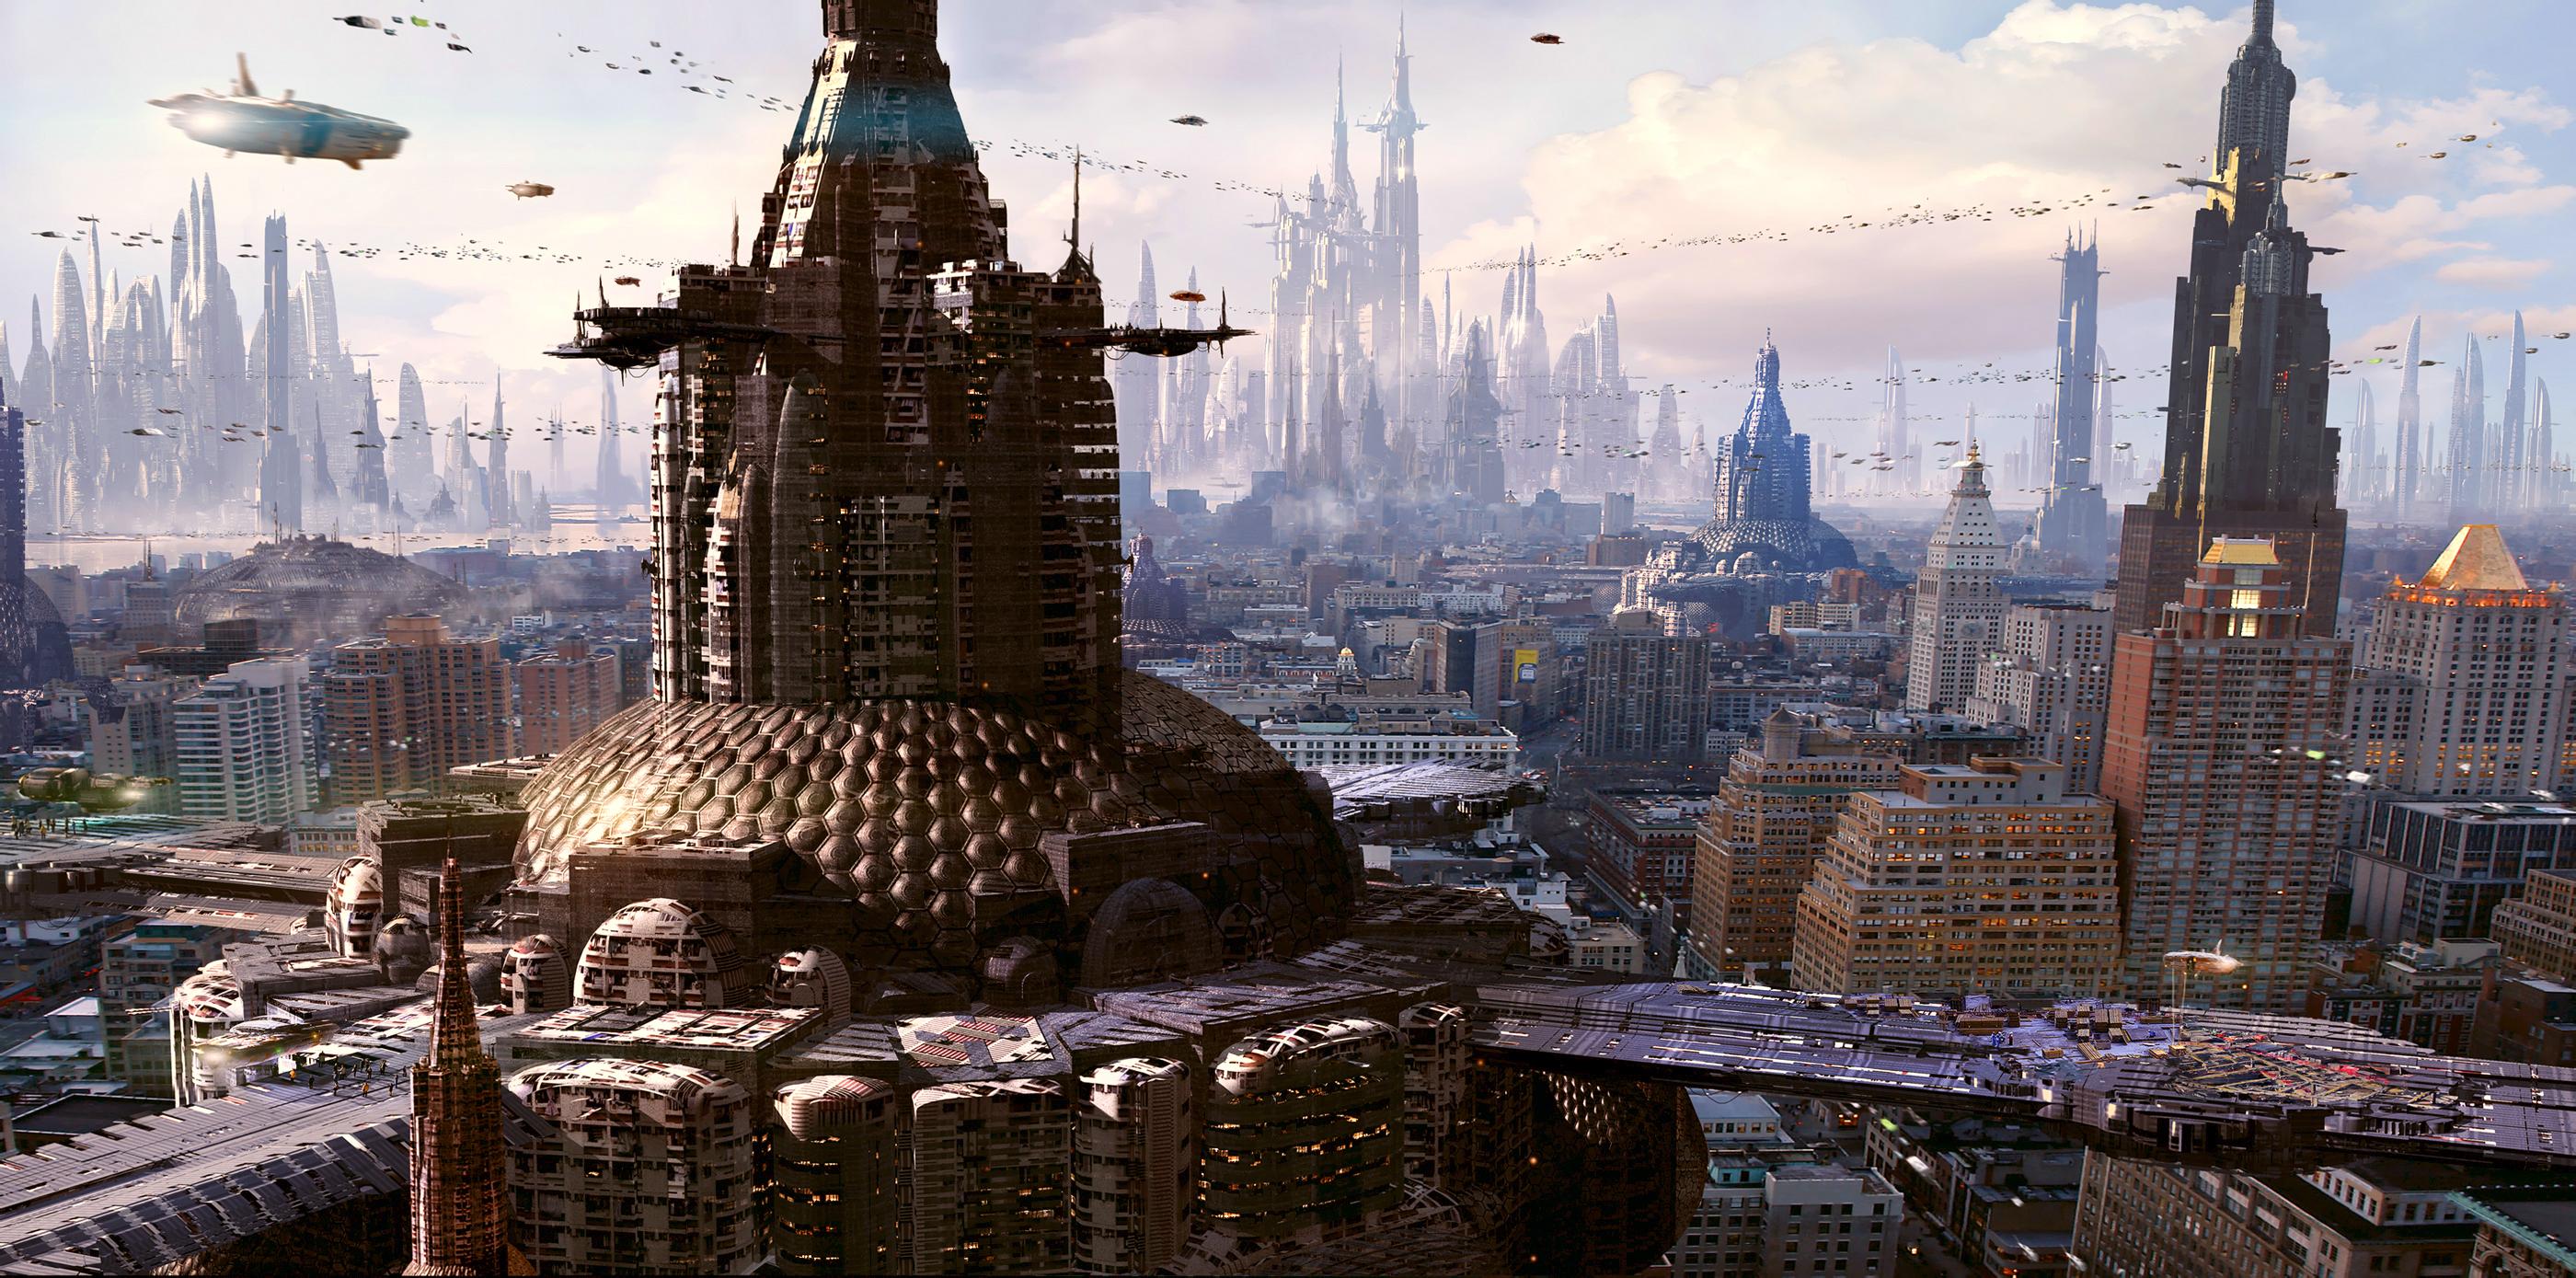 Building City Cityscape Futuristic HD Wallpaper